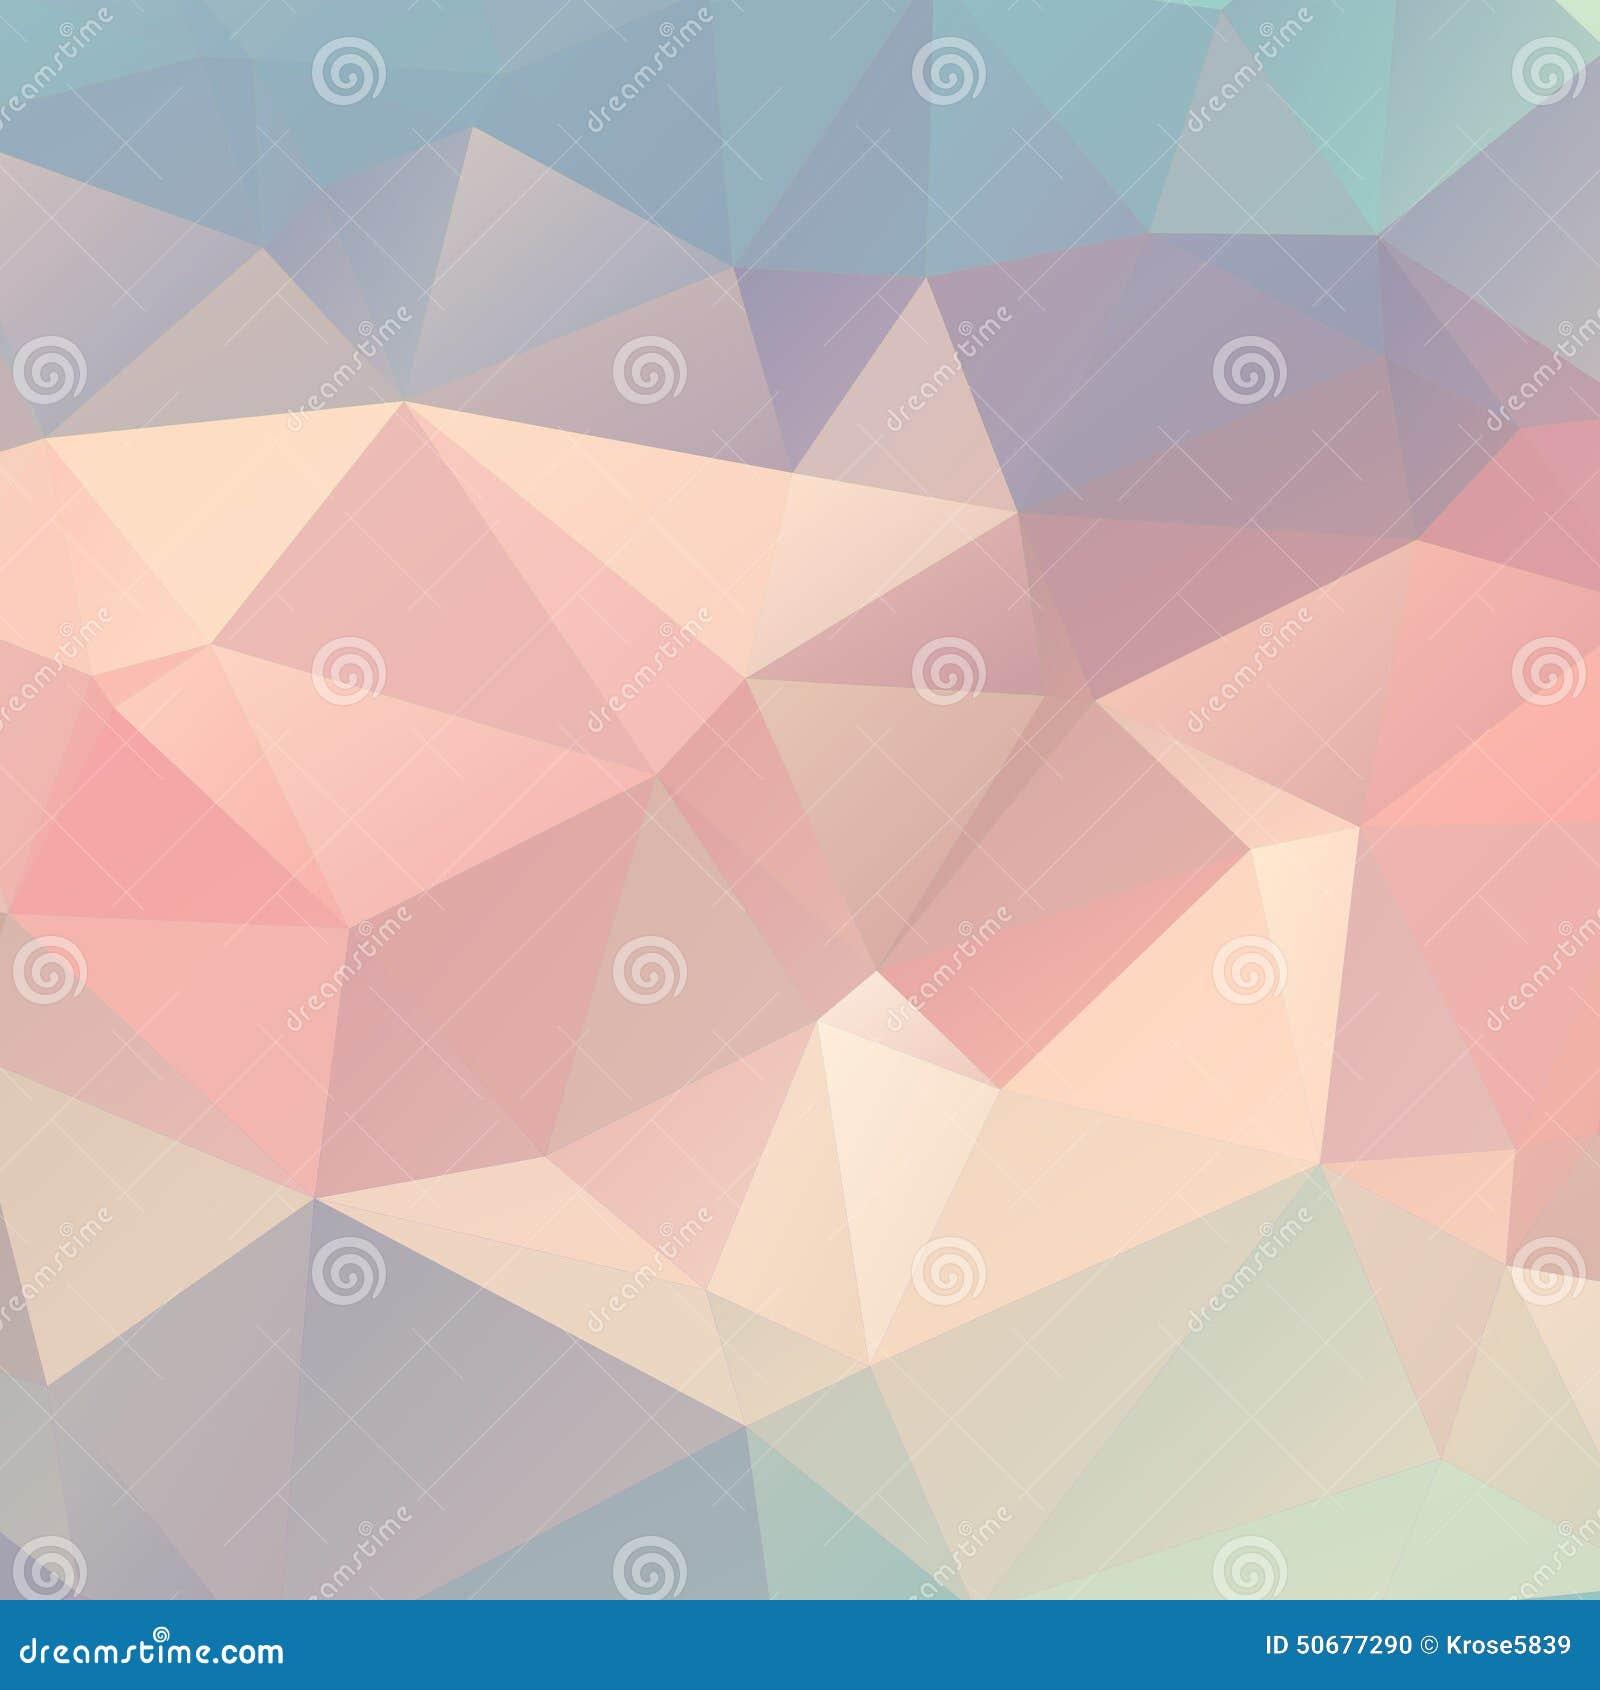 Download 低多彩虹背景 库存照片. 图片 包括有 上升了, 淡色, 本质, 紫色, 花卉, 彩虹, 粉红色, 三角 - 50677290